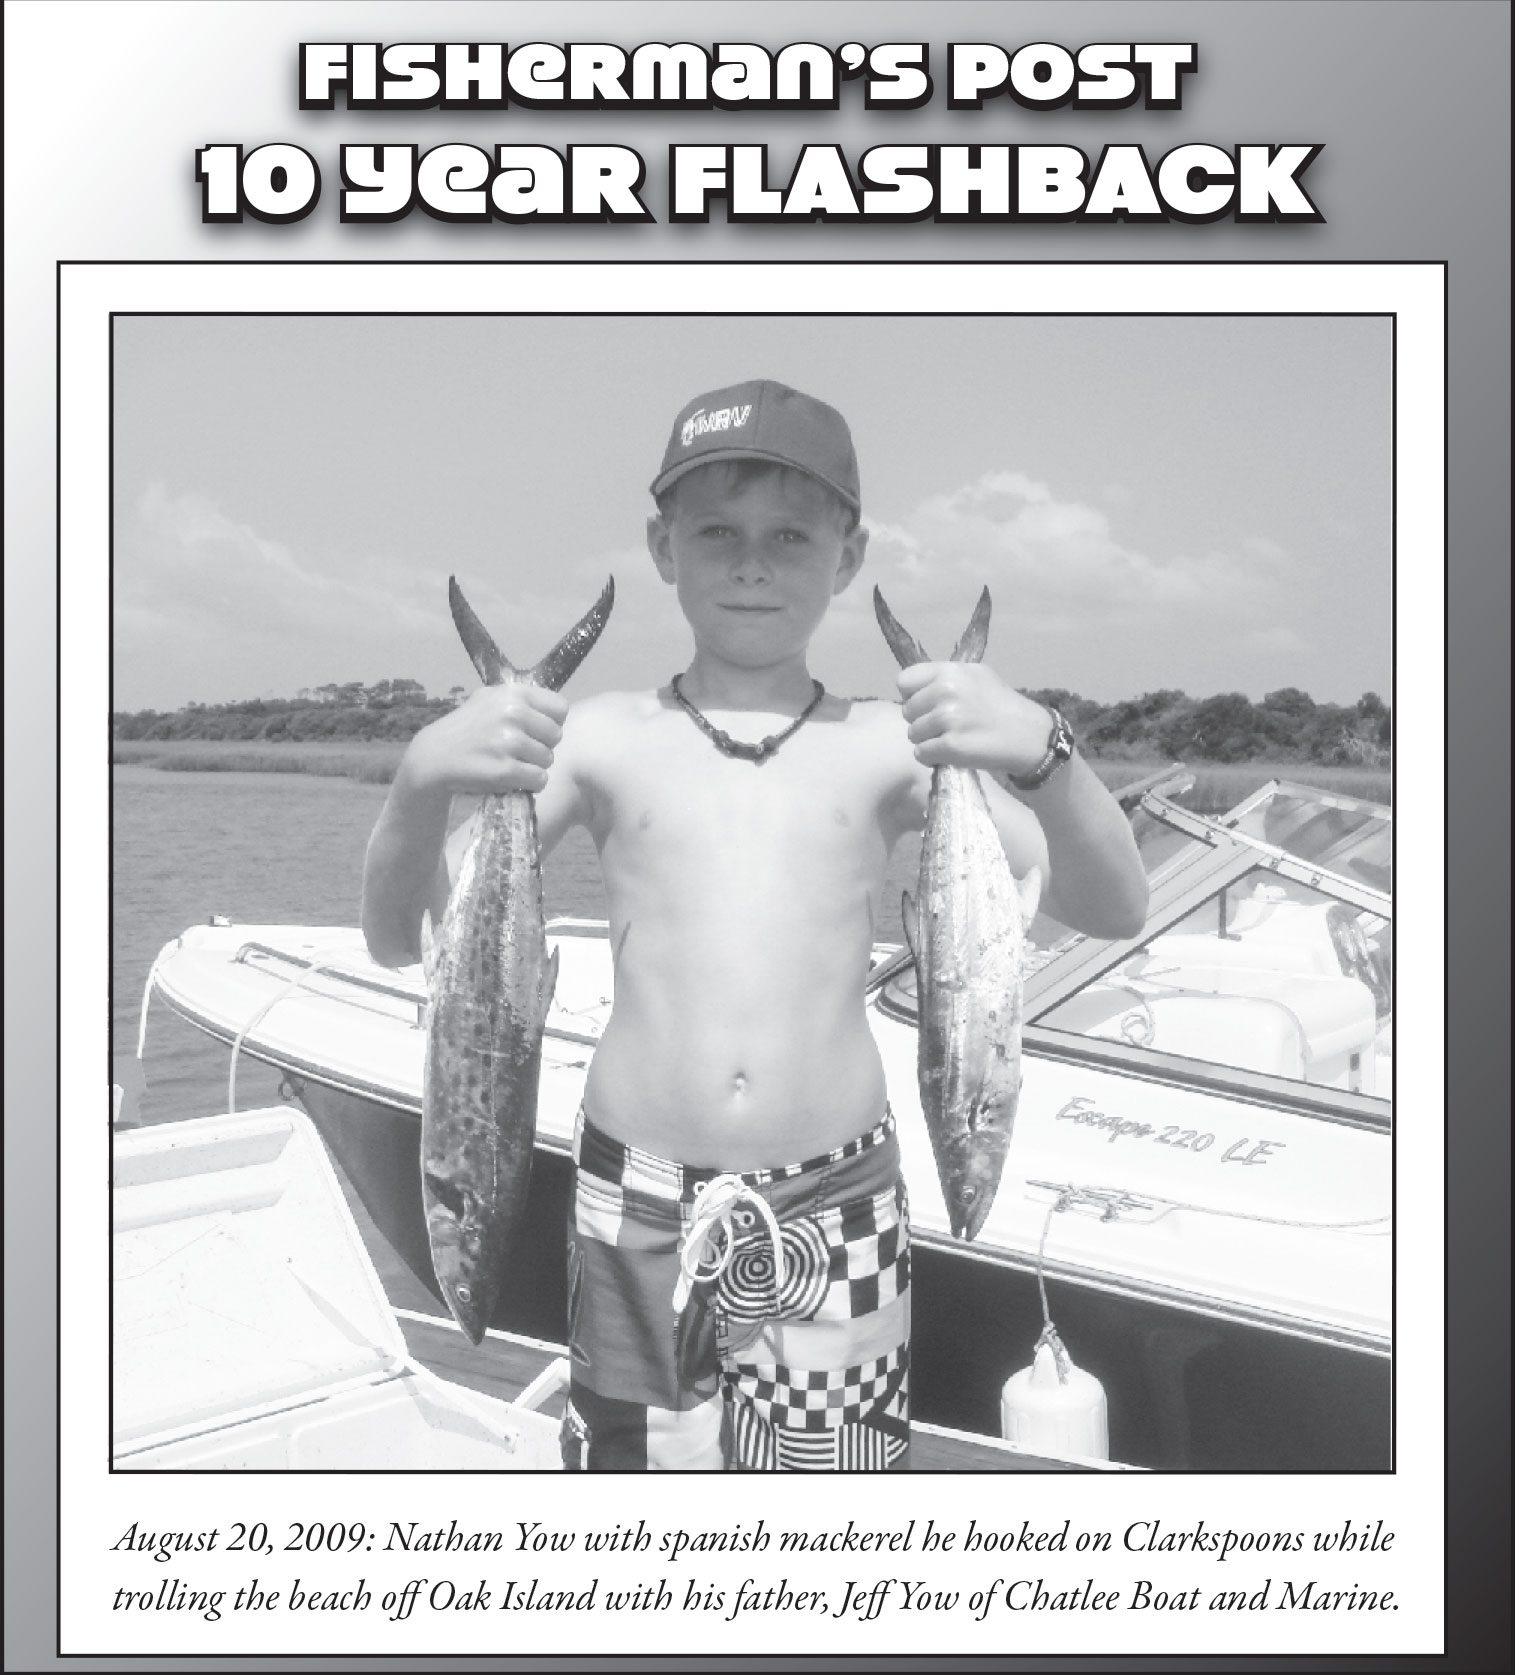 August 20, 2009 – Flashback